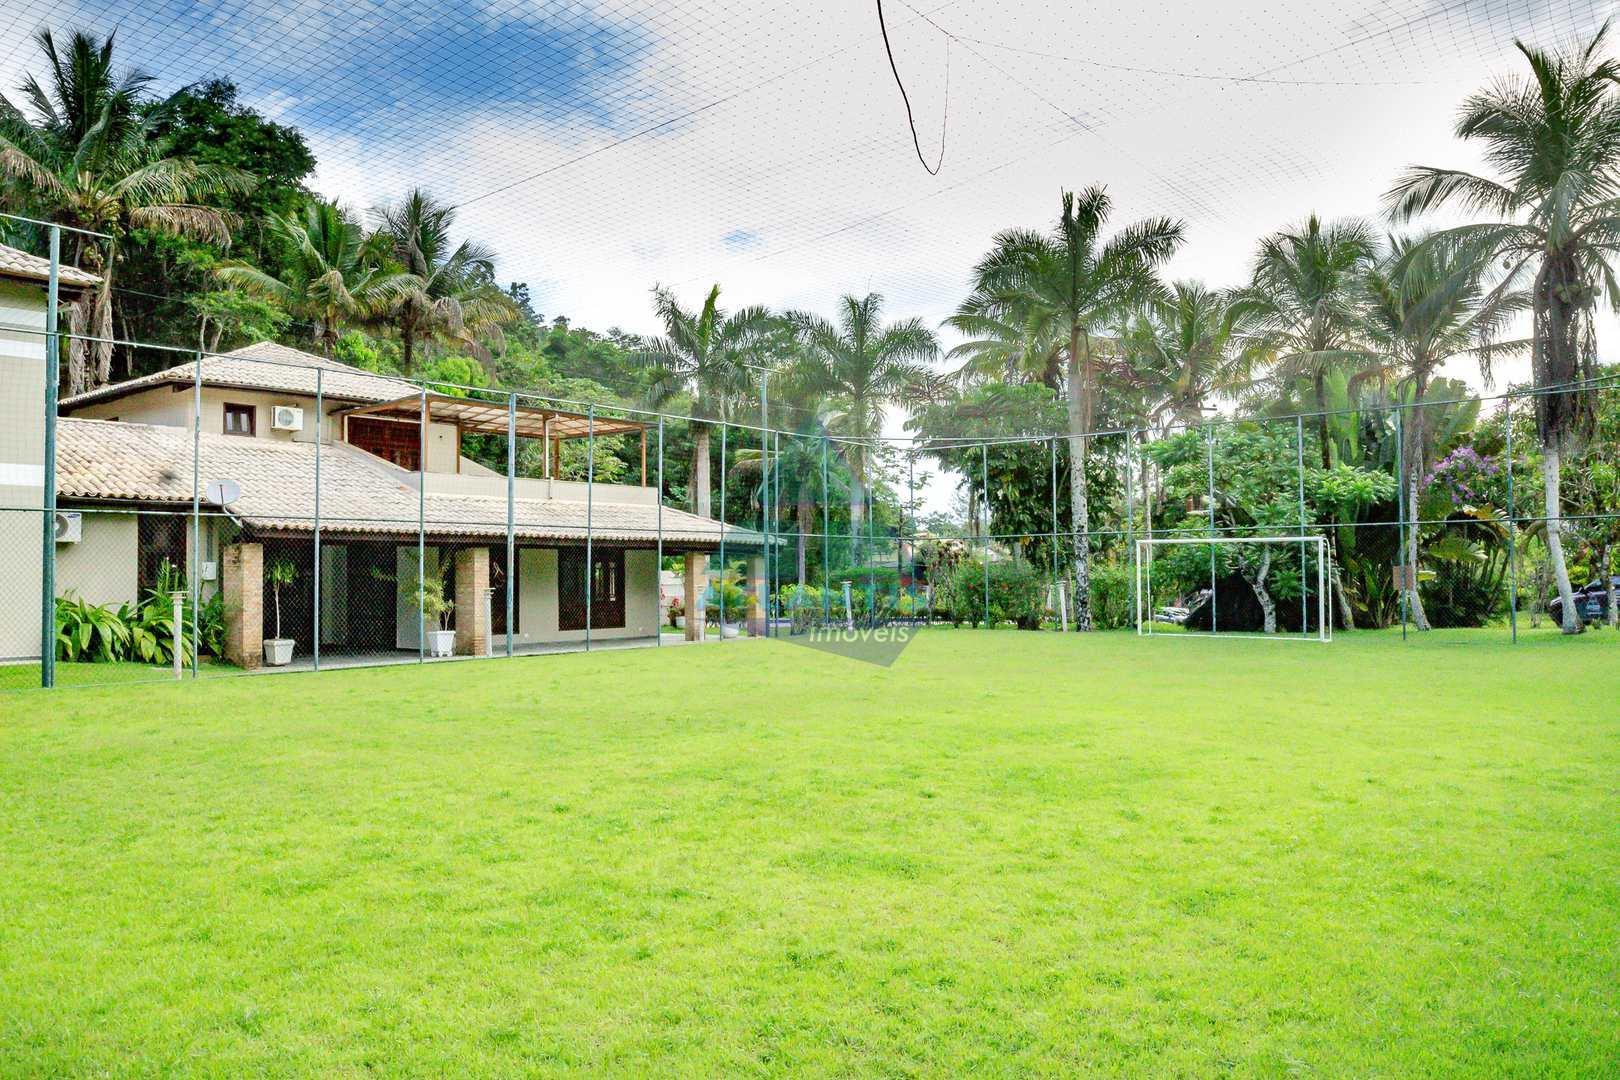 Casa com 5 dorms, Recanto da Lagoinha, Ubatuba - R$ 3 mi, Cod: 1220